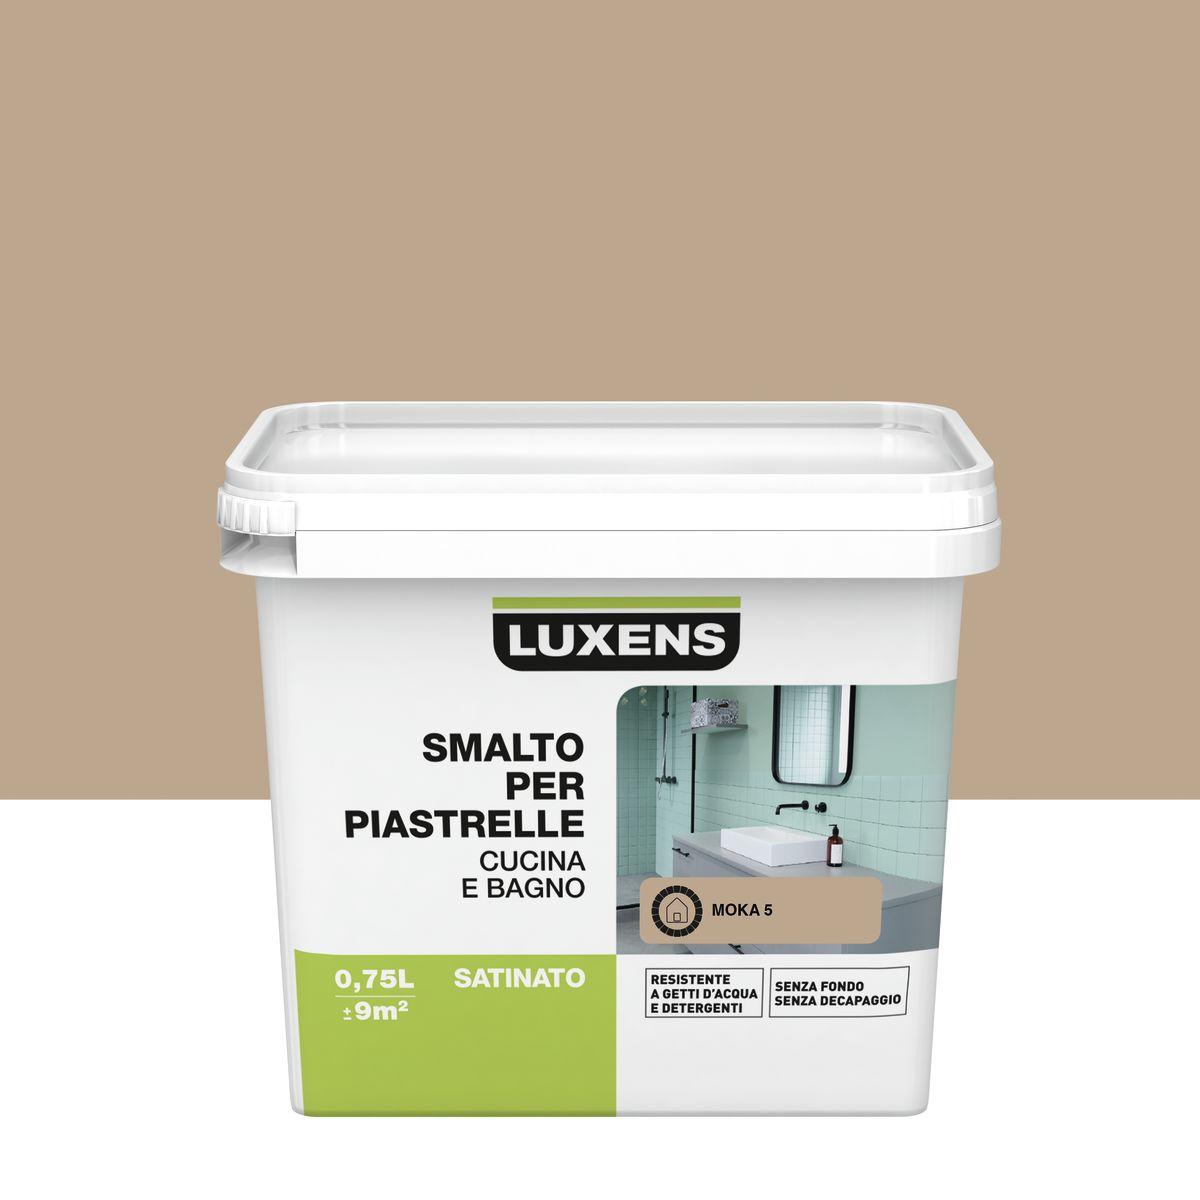 Smalto Per piastrelle Luxens Marrone Moka 5 satinato 0,75 L: prezzi ...